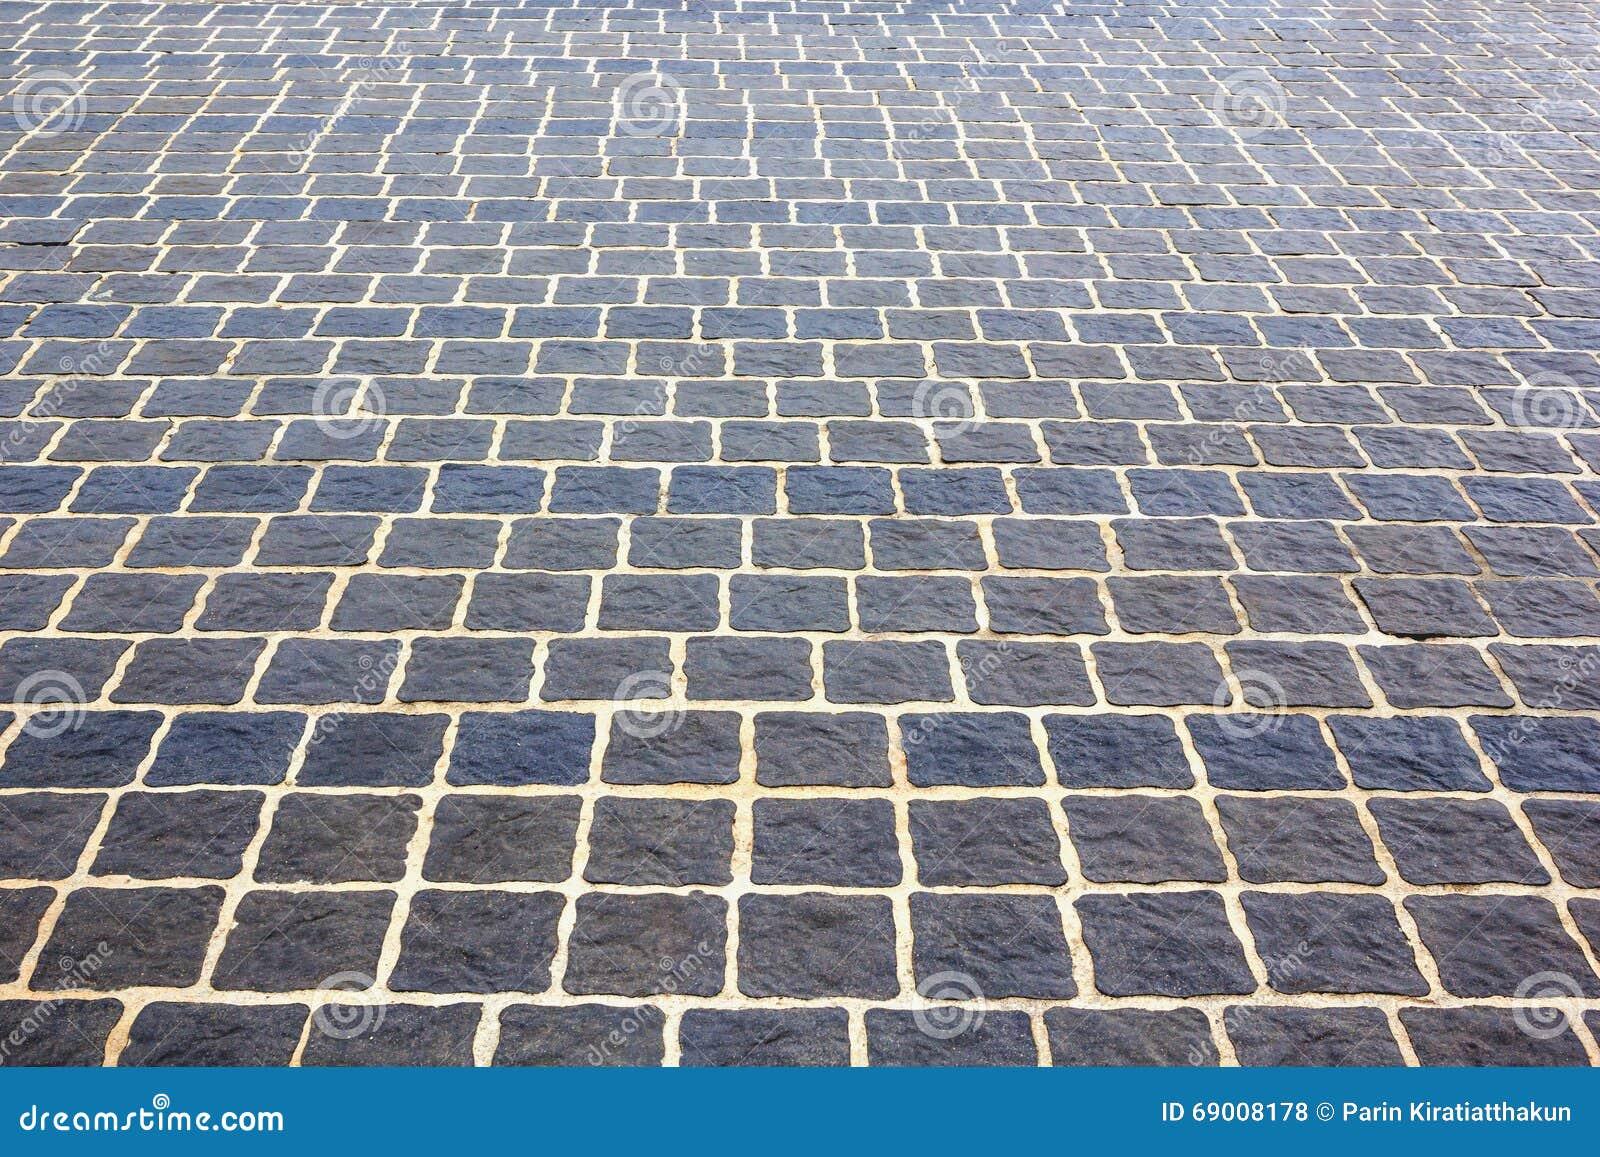 Outdoor concrete block floor background and texture stock for Concrete block floor